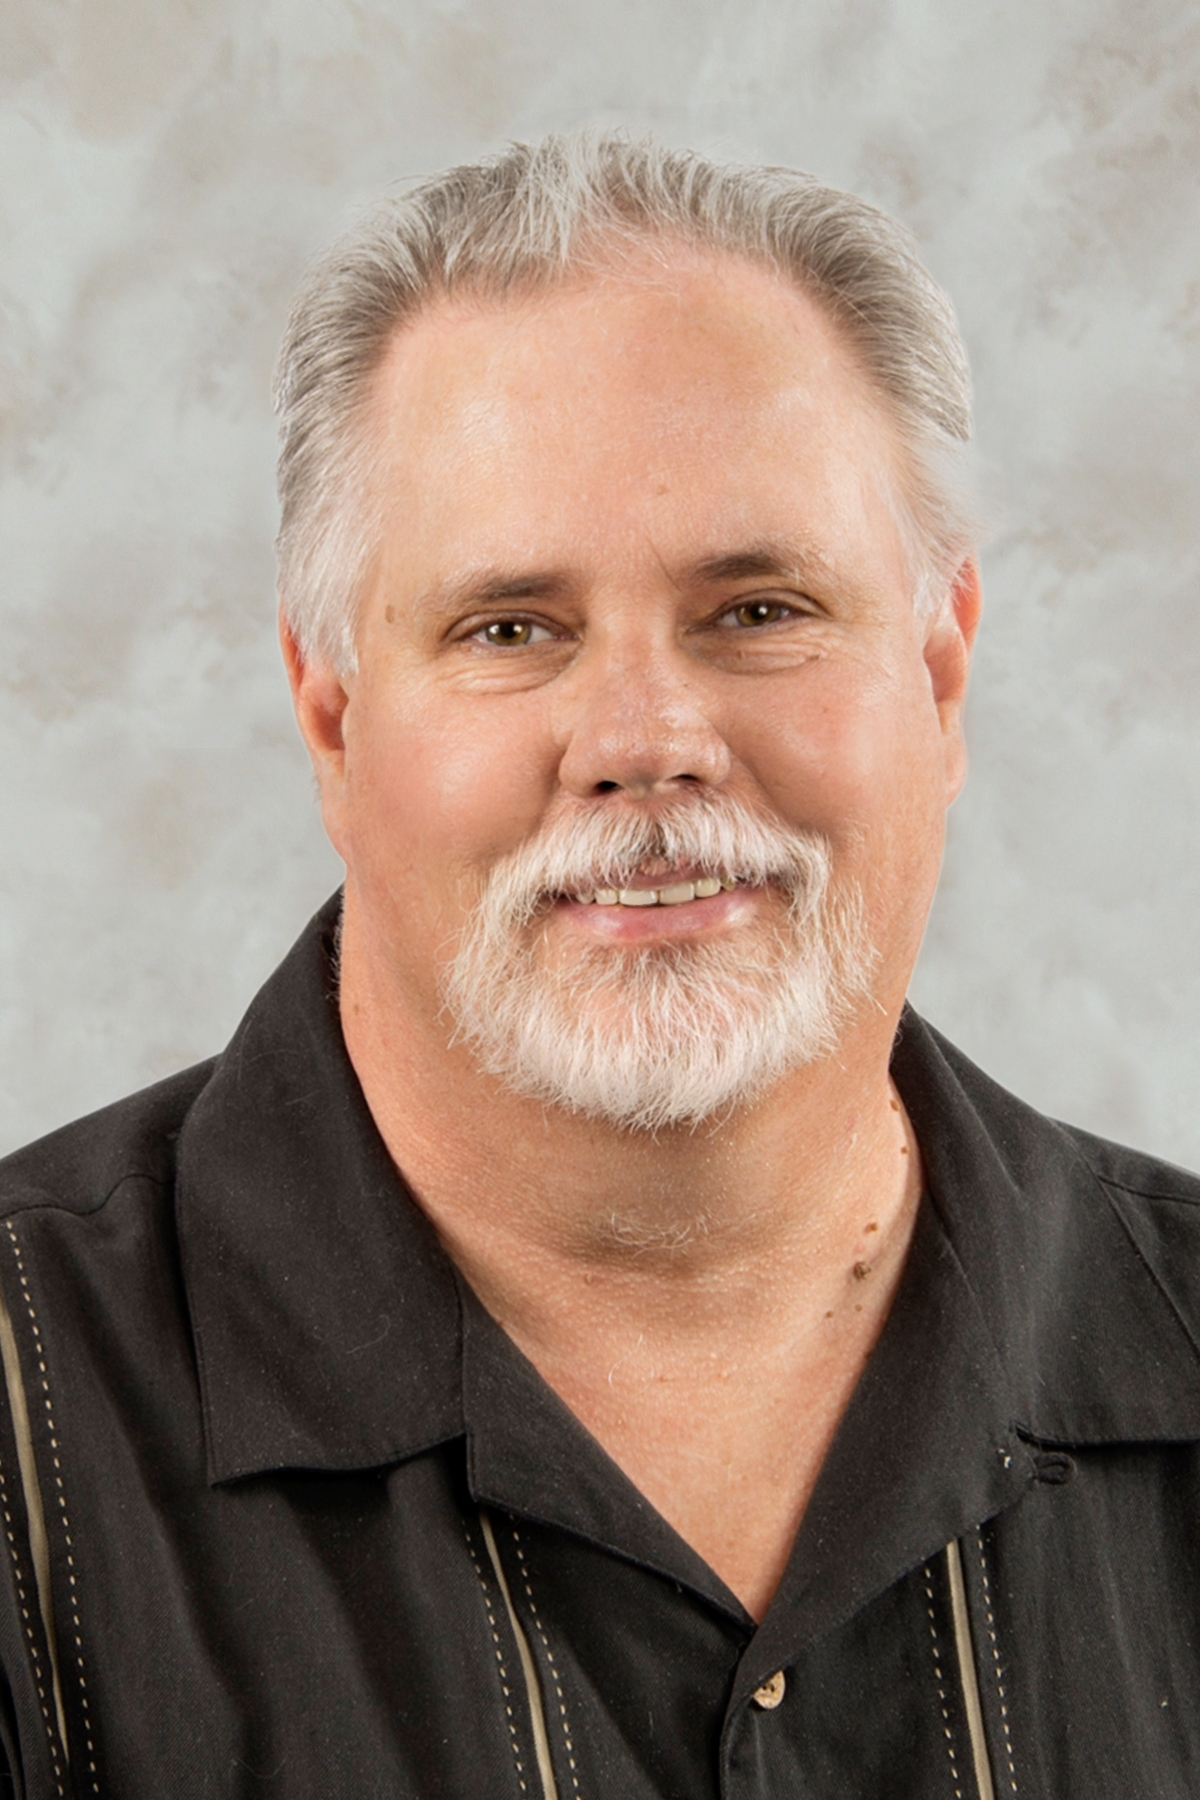 Bill Yurgen